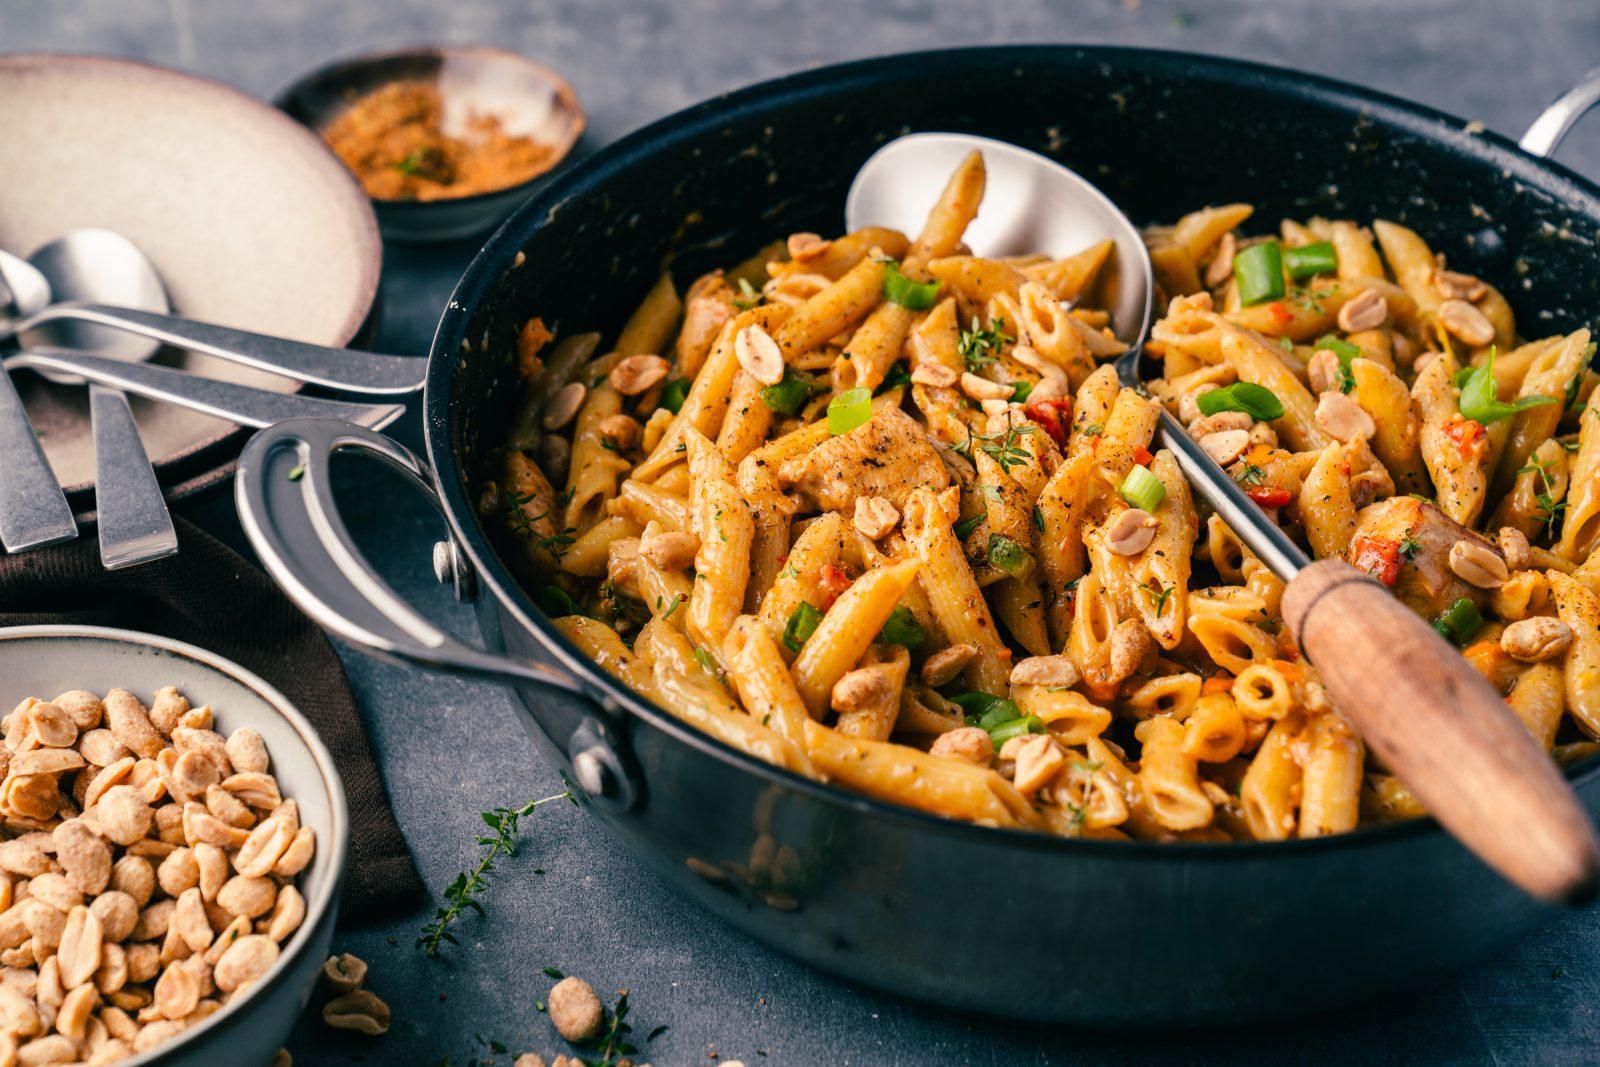 Cajun Penaut Pasta ueltje 13 | Wir zelebrieren den Tag der Erdnuss! Was darf bei einer ordentlichen Party nie fehlen? Eine standesgemäße Torte natürlich - in diesem Fall eine Apfel-Erdnuss-Torte. Gemeinsam mit unserem Partnerültjeladen wir euch ein, mitzufeiern, denn die Erdnuss ist jede Party wert. Die Erdnuss gepaart mit Apfel gibt eine wunderbar fruchtige Kombination, die mit einem italienischen Biskuit und einer leichten Buttercreme einfach unwiderstehlich lecker ist.